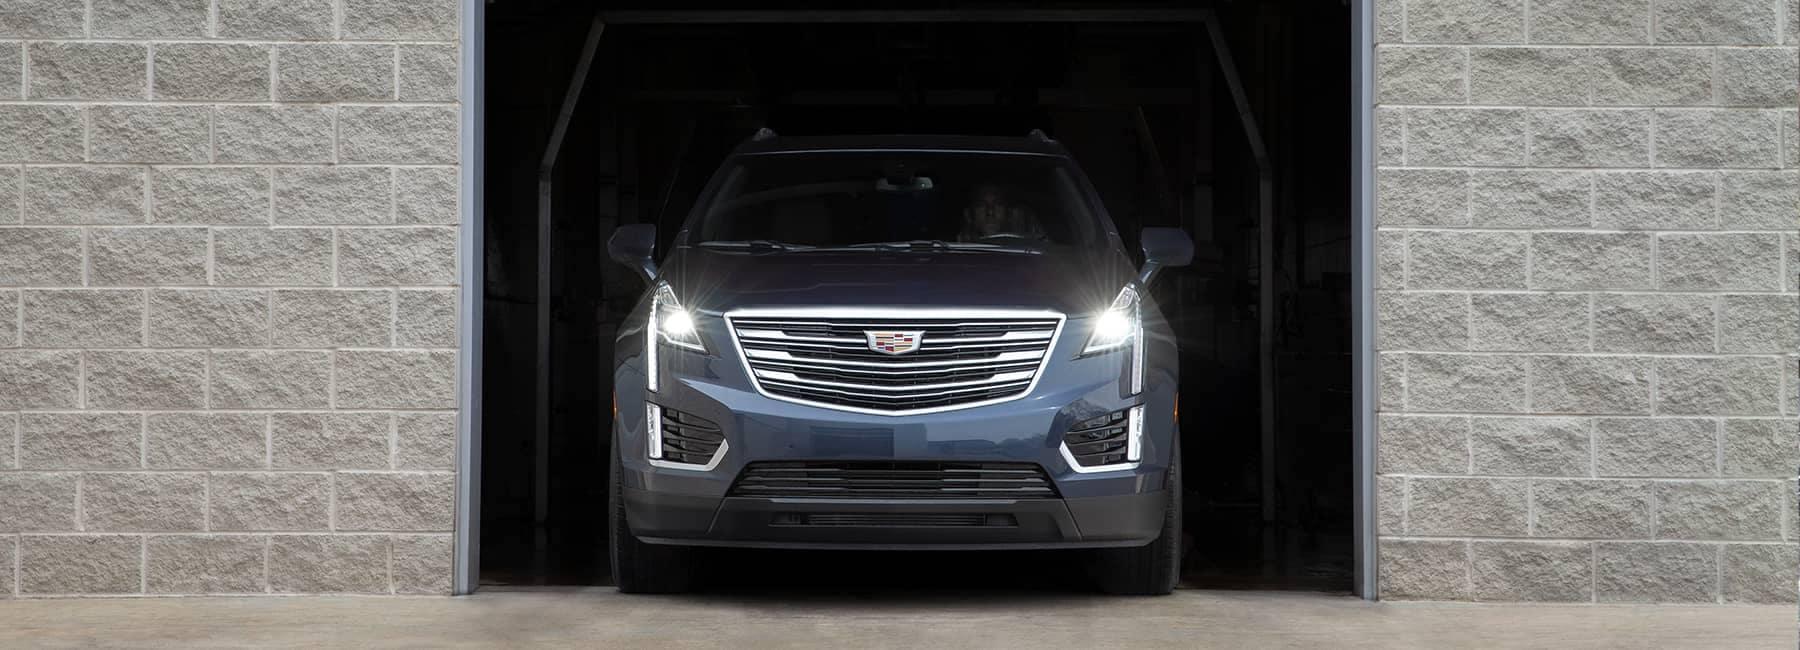 A Cadillac exiting a garage